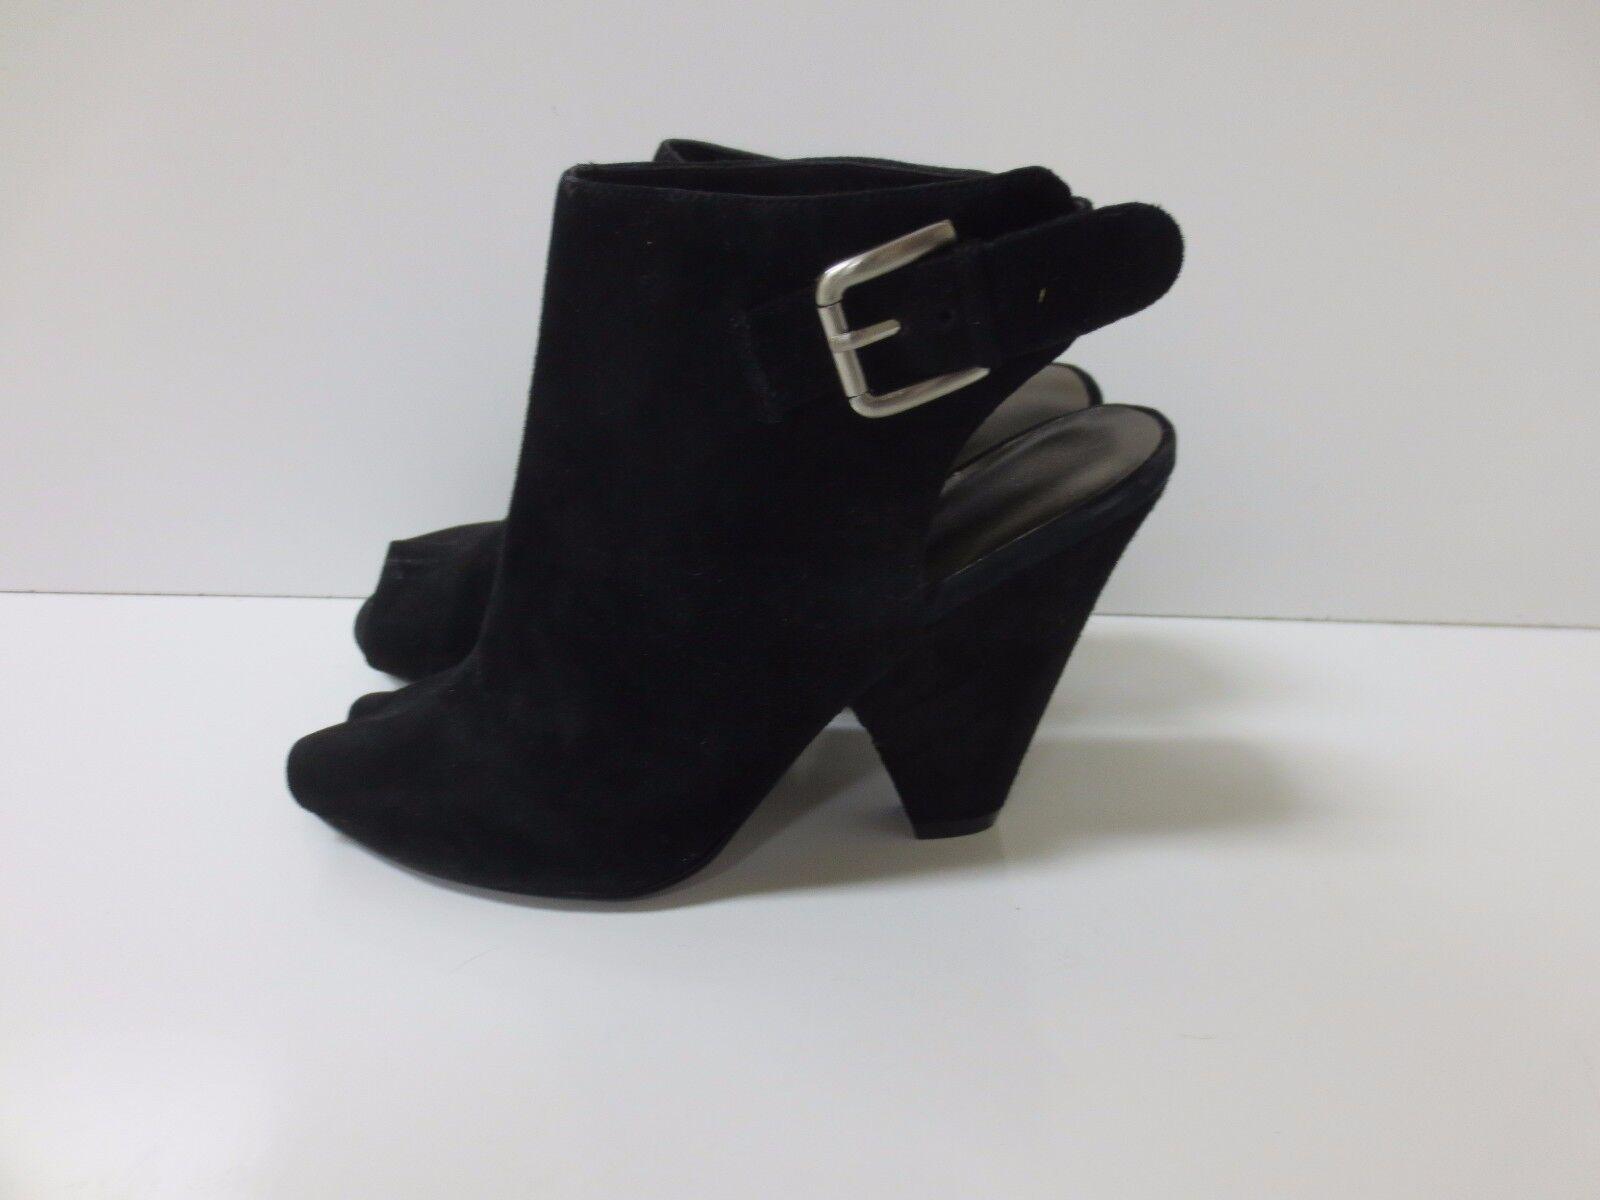 NINE WEST Lahdidah Open Toe Black Suede Ankle Boot Bootie shoes 5.5M MINT CONDIT